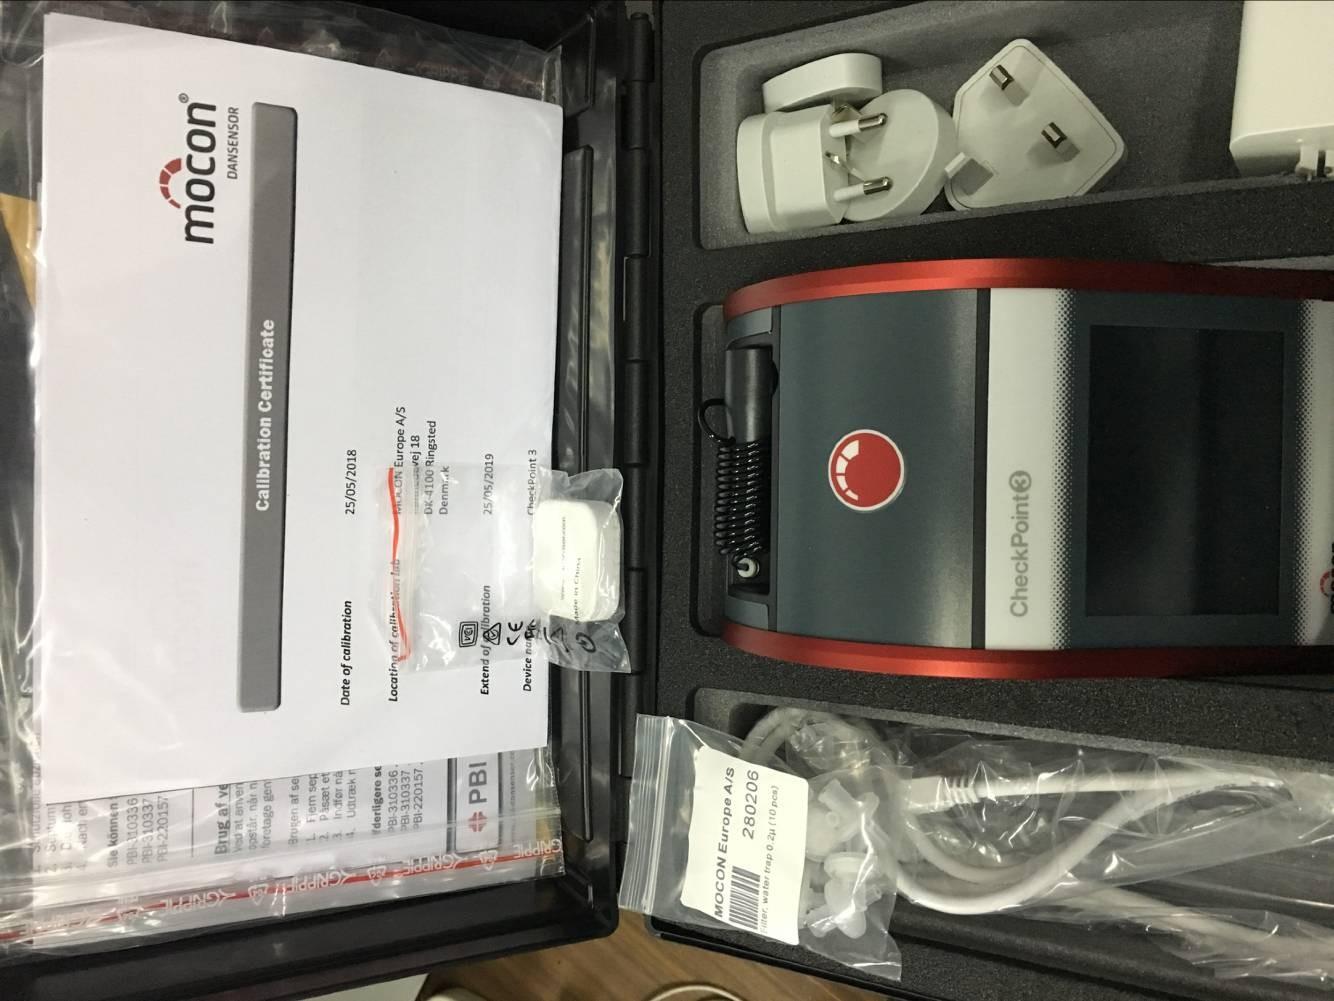 丹麦PBI dansensor checkpoint3便携顶空分析仪 残氧仪产品标准配置图